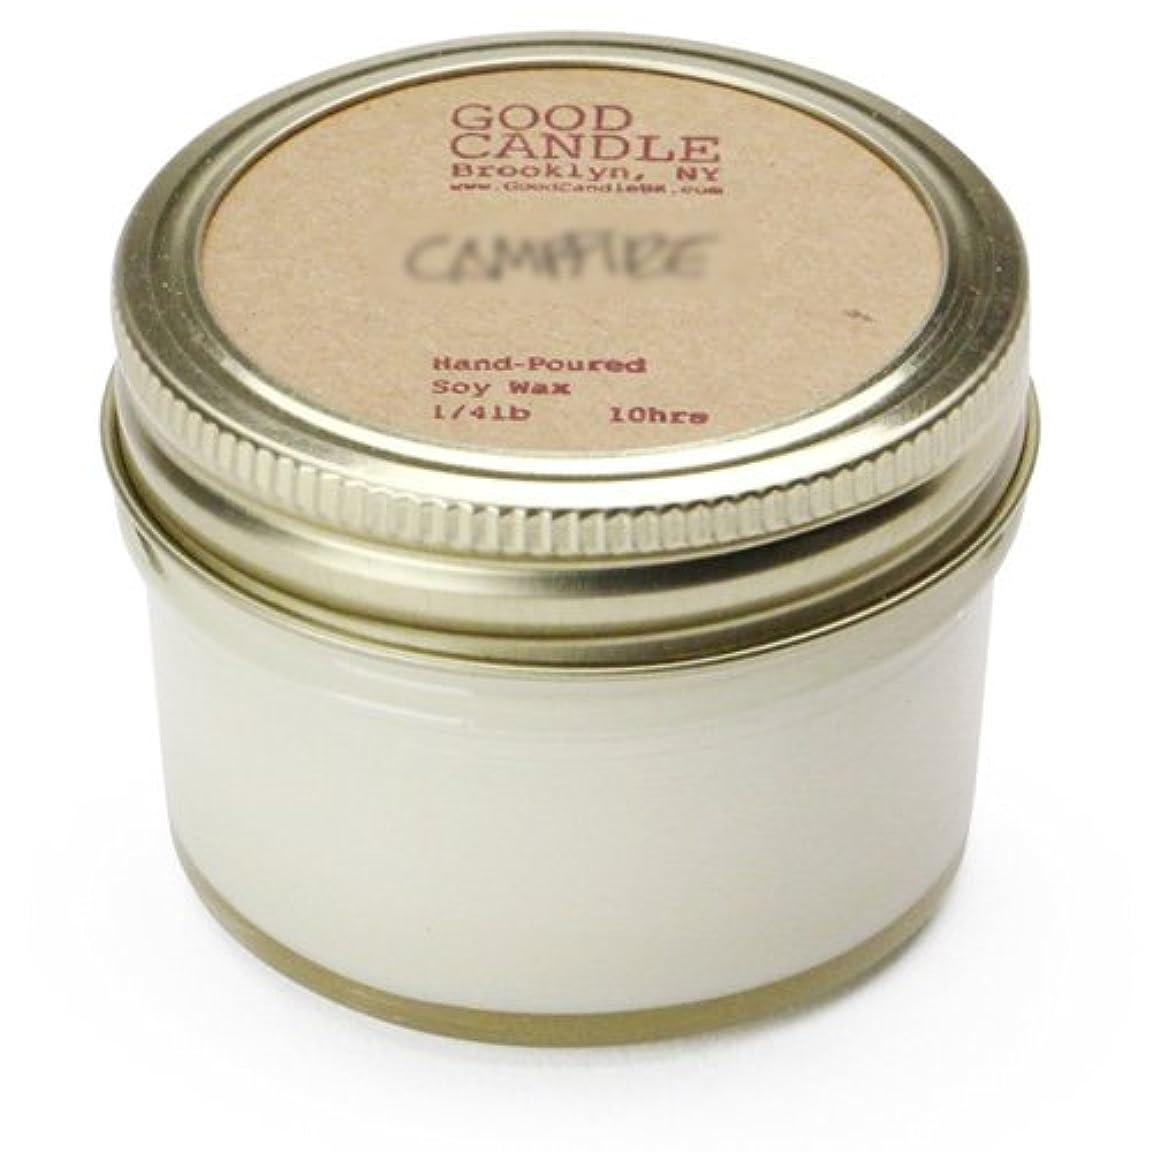 援助する九時四十五分演じるグッドキャンドル 1/4ポンド ゼリージャー キャンドル Good Candle 1/4LB Jelly jar candle [ Rose ] 正規品